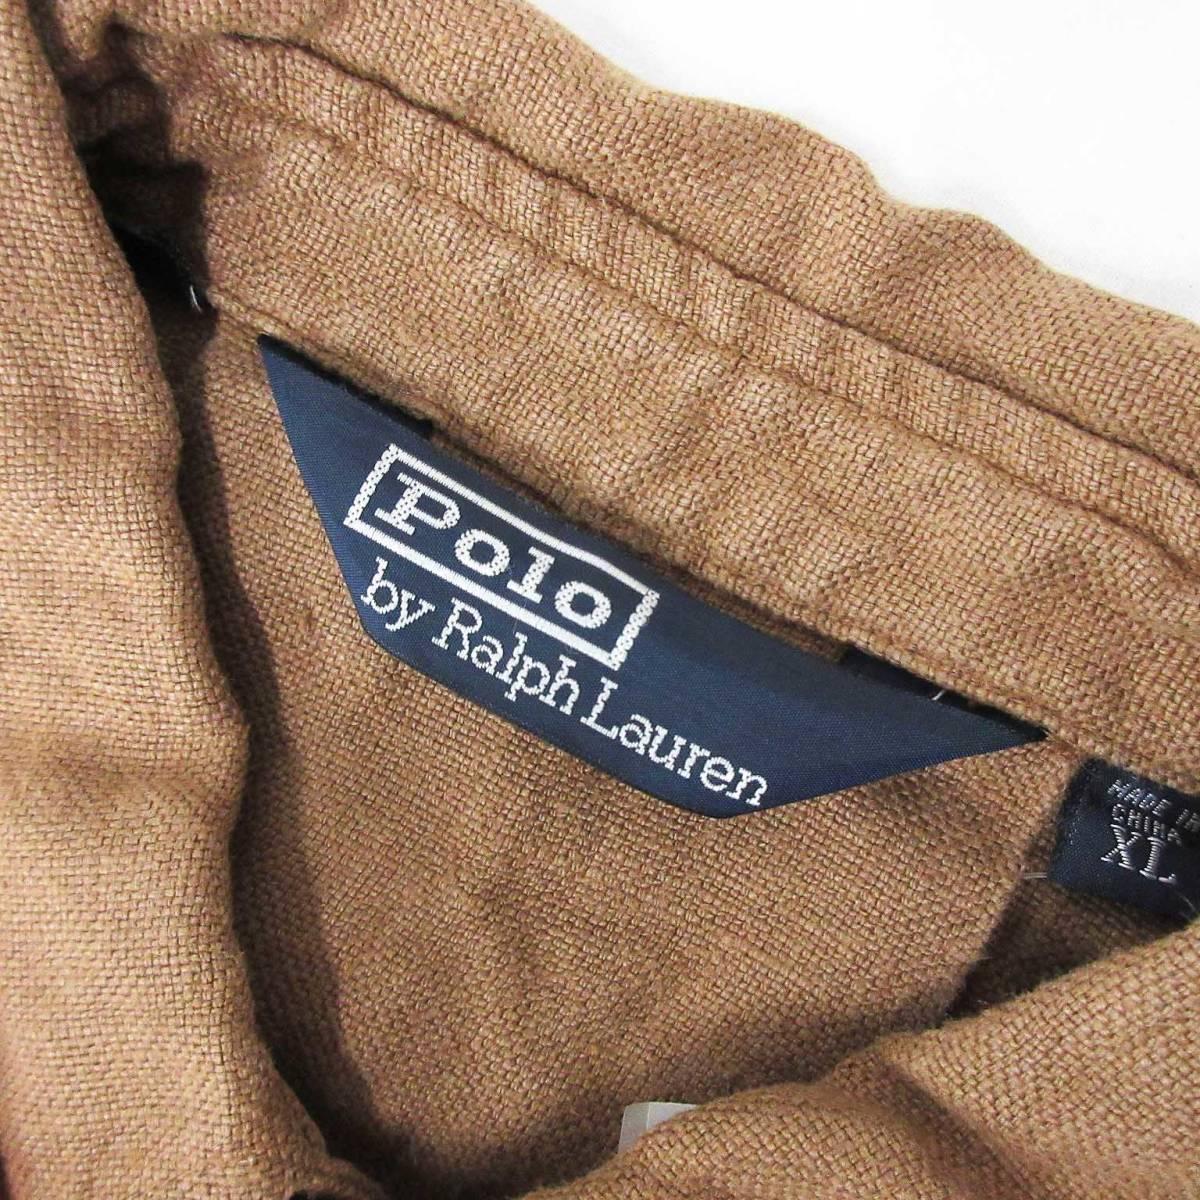 Polo by Ralph Lauren ポロバイラルフローレン ジャケット リネン 麻 100% ベルト ブラウン 茶 XL_画像3